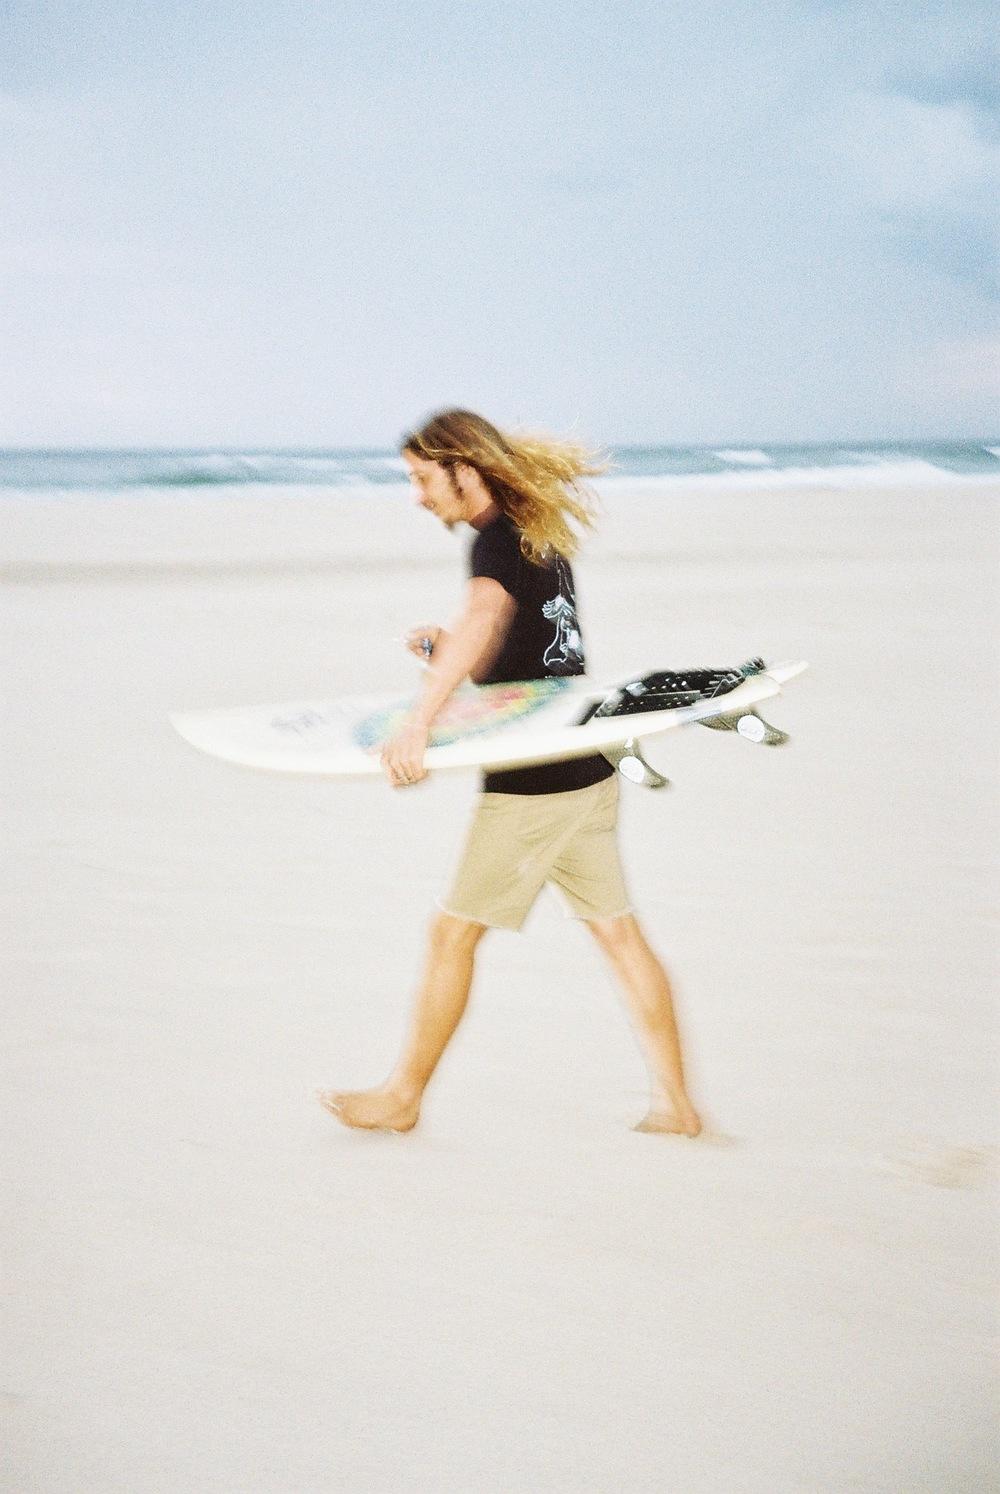 workbydom_surf_culture